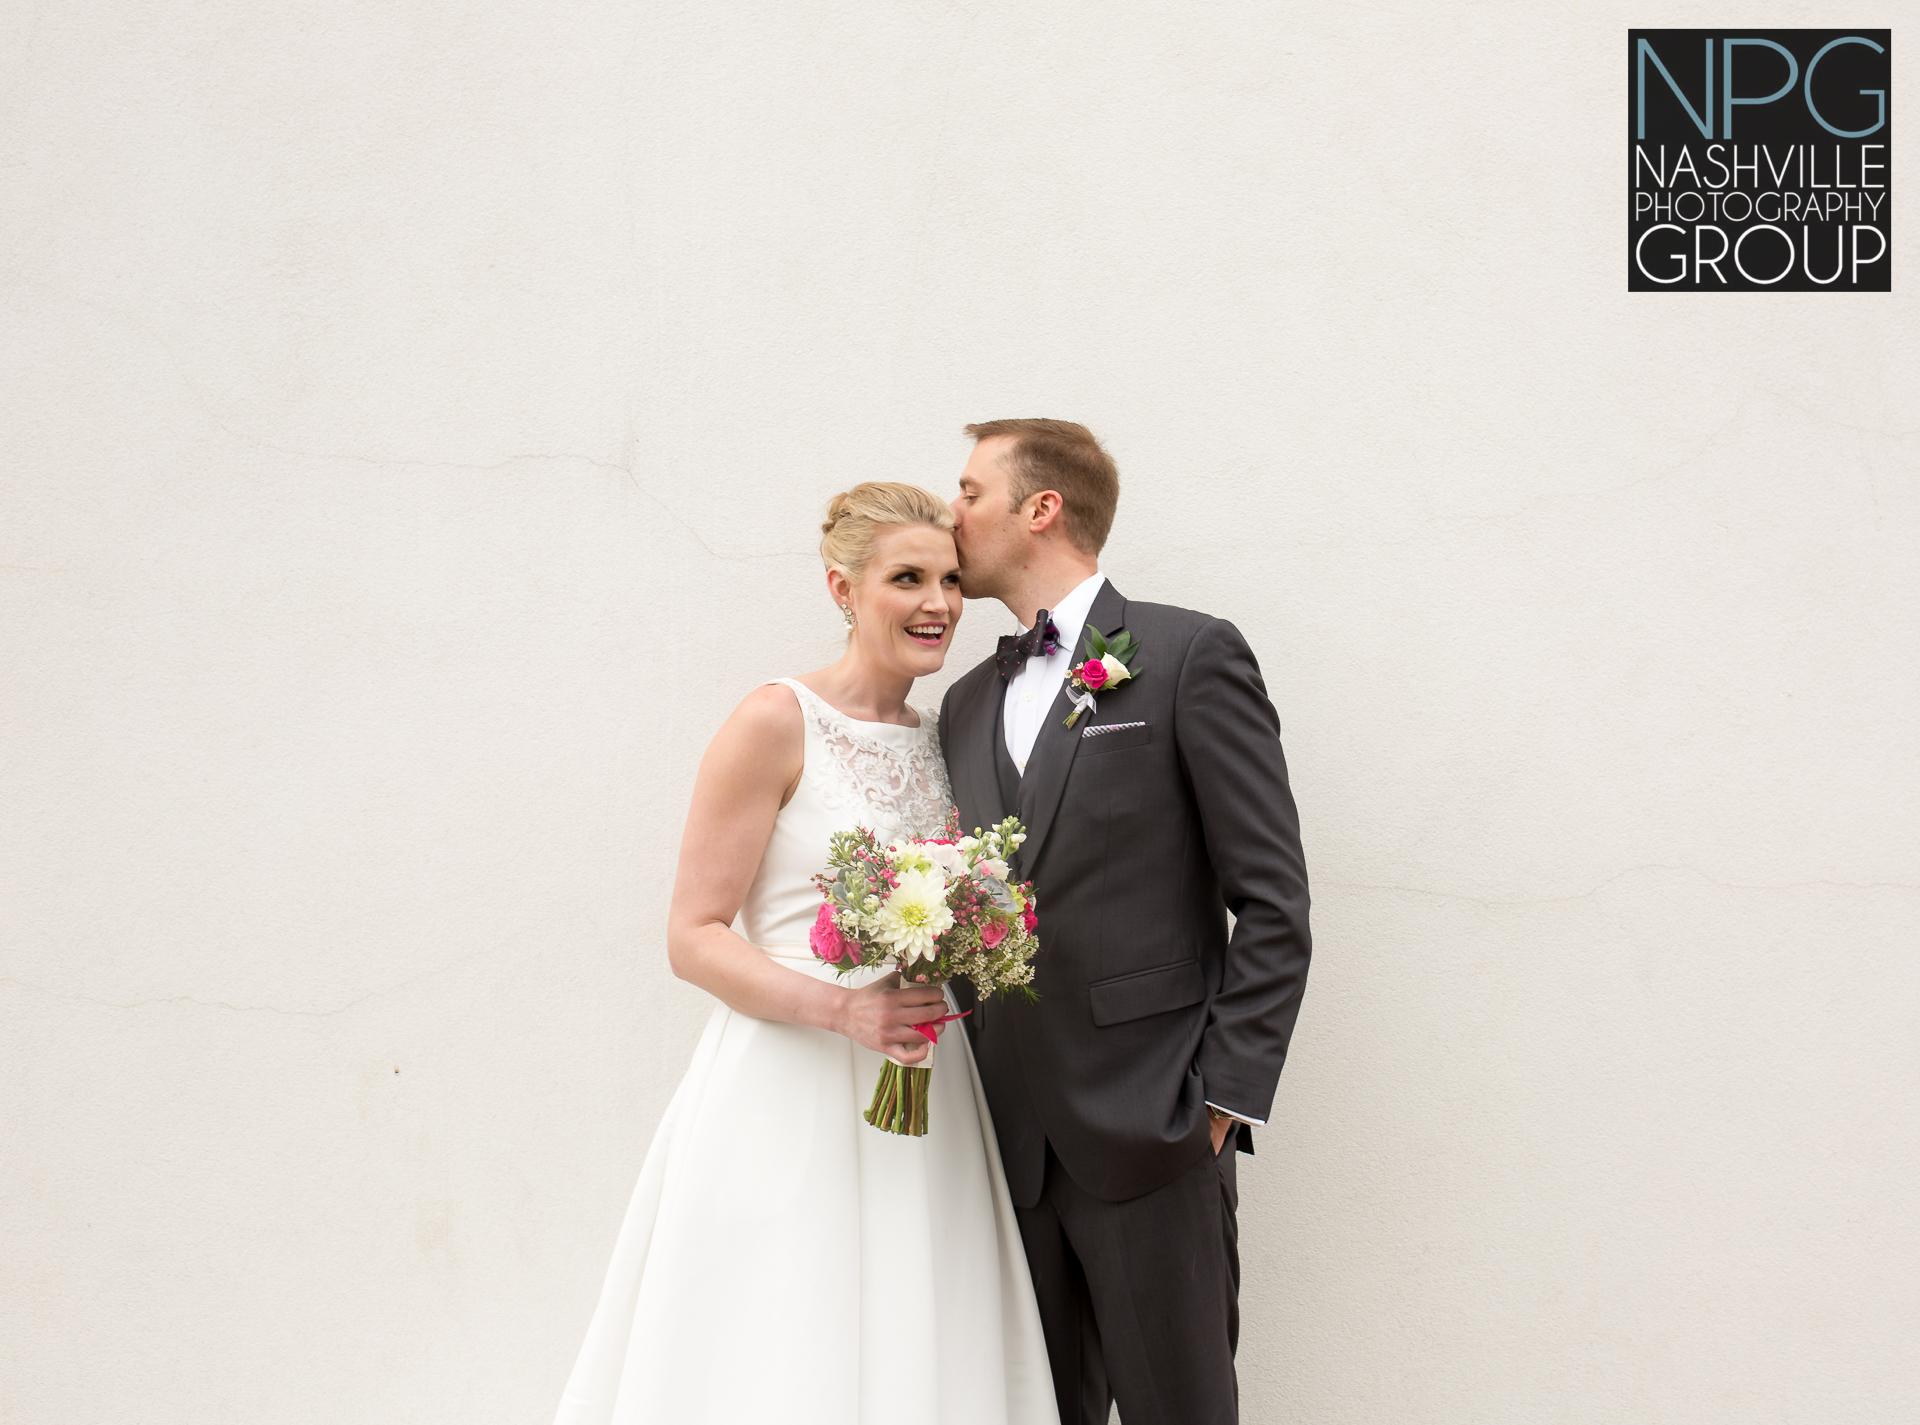 Nashville Photography Group - wedding photographers (1 of 2)-3.jpg